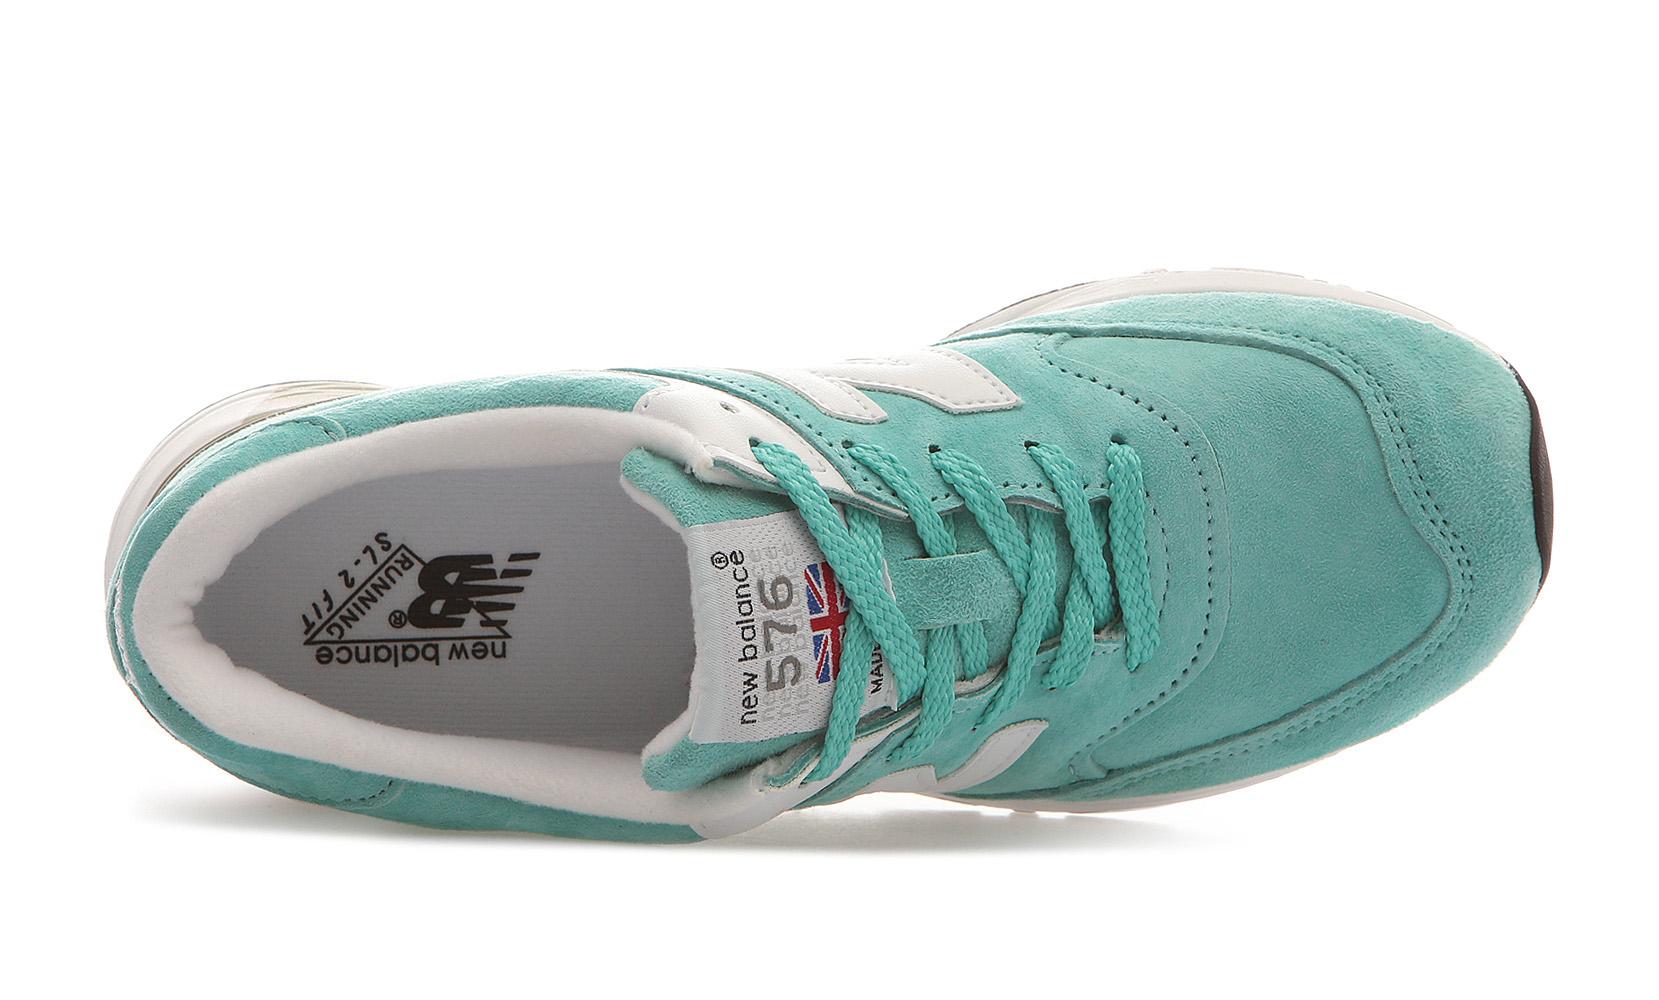 Жіноче взуття повсякденне New Balance 576 W576MM | New Balance